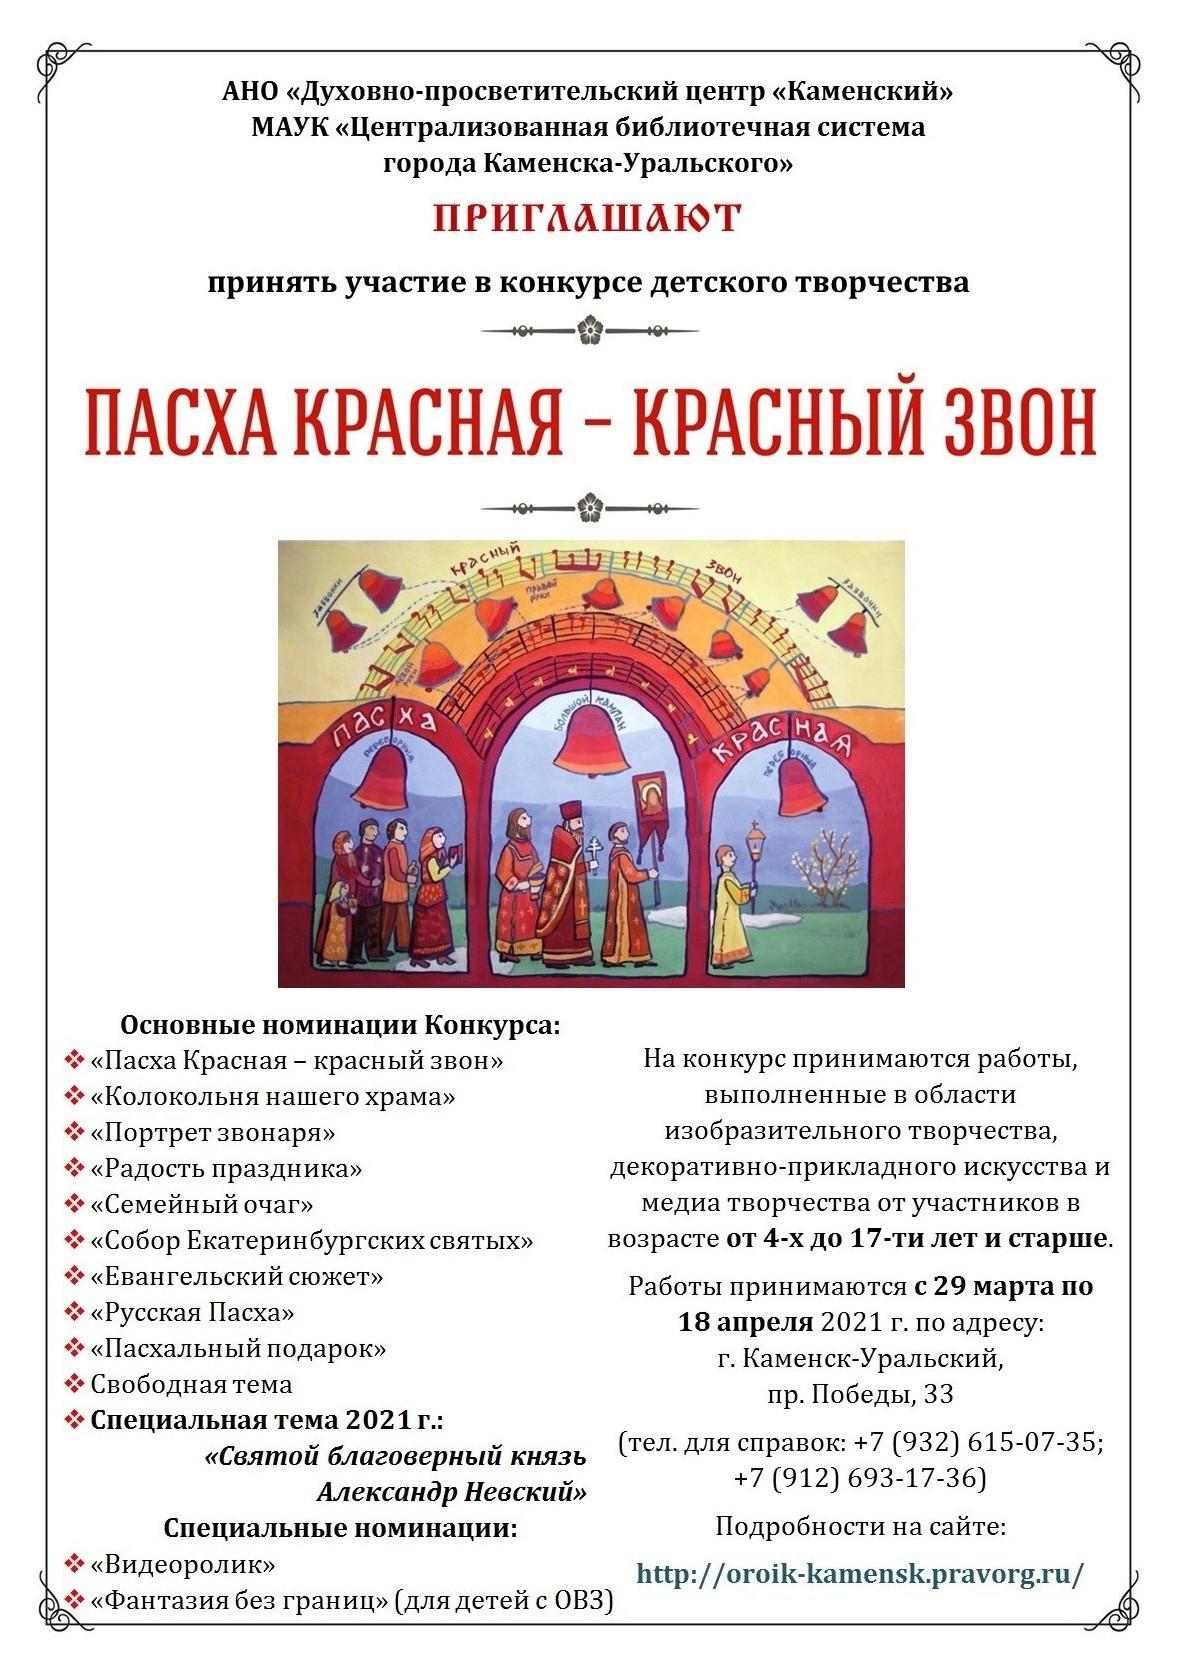 Стартовал конкурс «Пасха Красная — Красный звон»